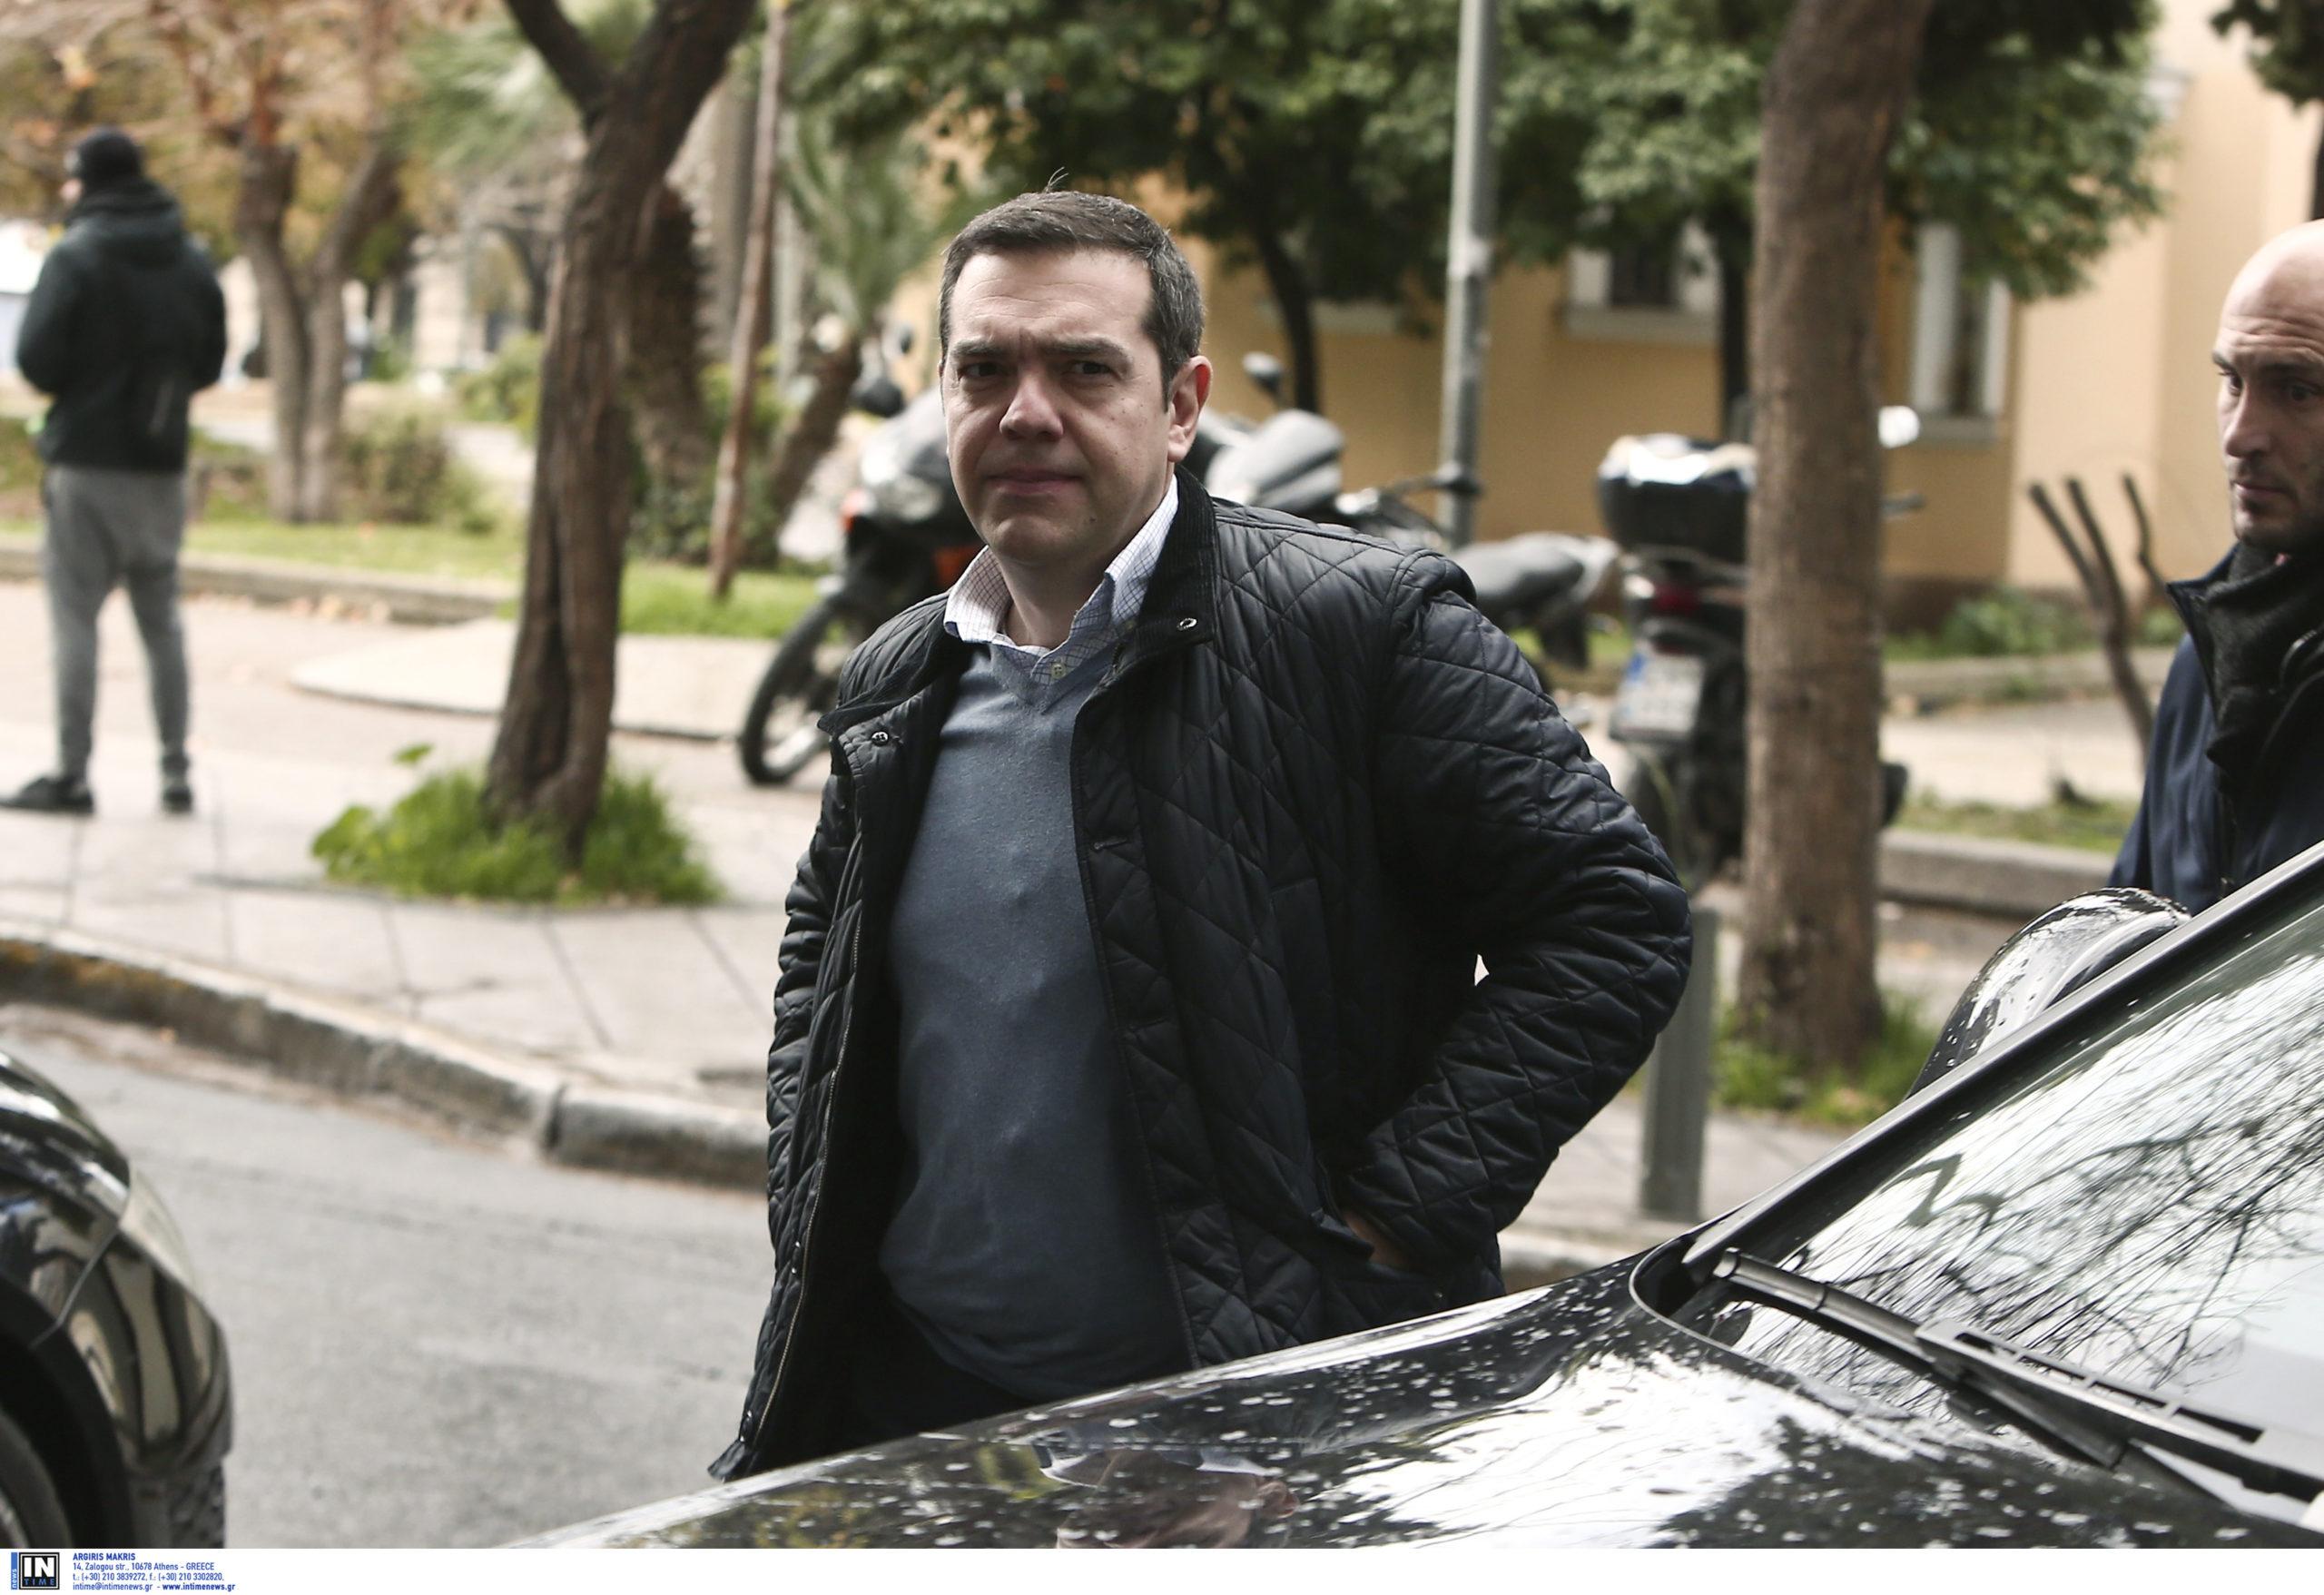 Πανηγυρίζουν στον ΣΥΡΙΖΑ για τους προστατευόμενους μάρτυρες